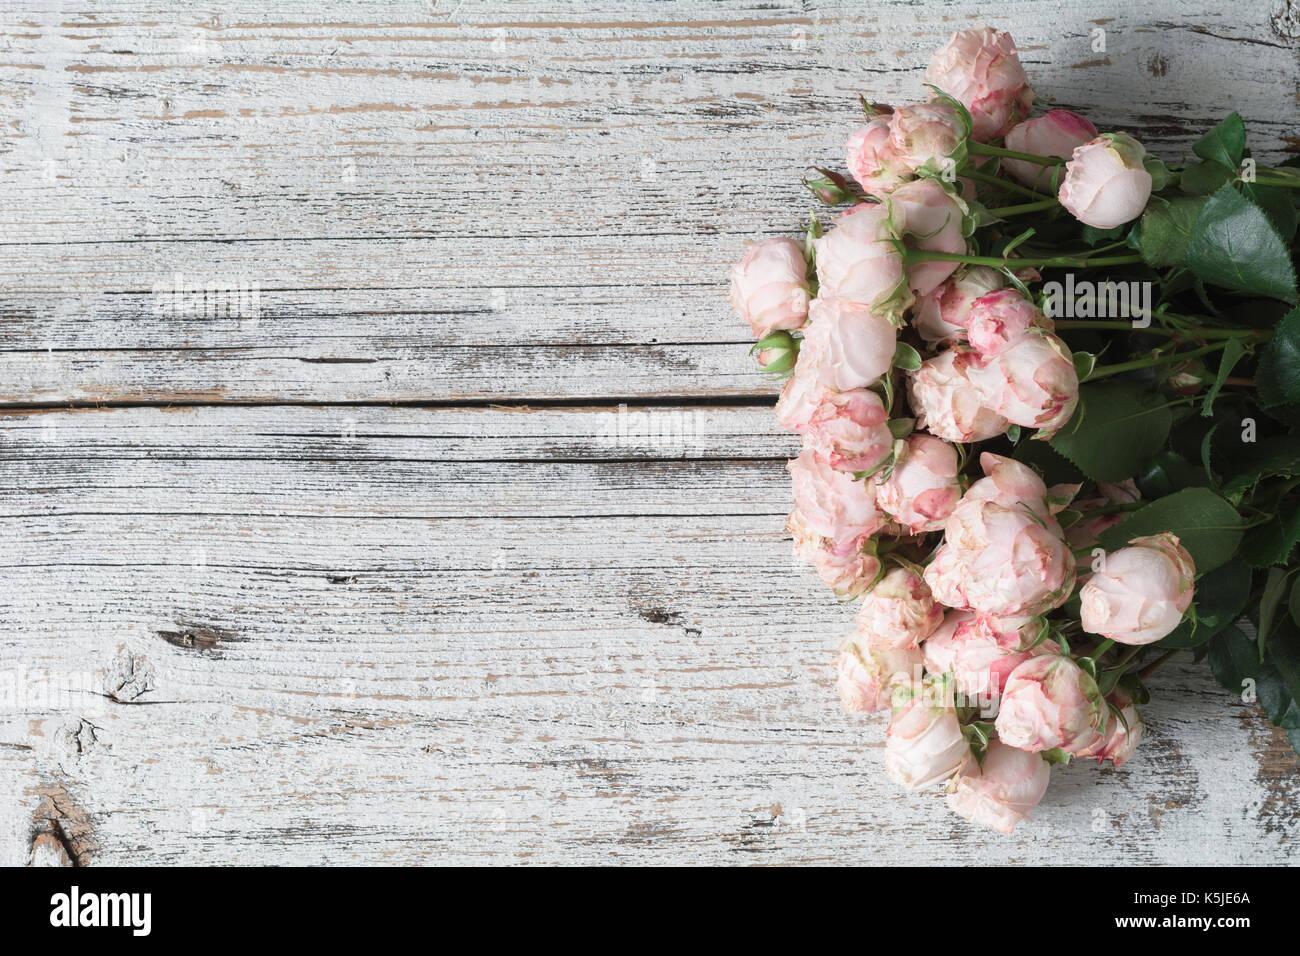 Pink roses on vintage wooden background  Floral frame